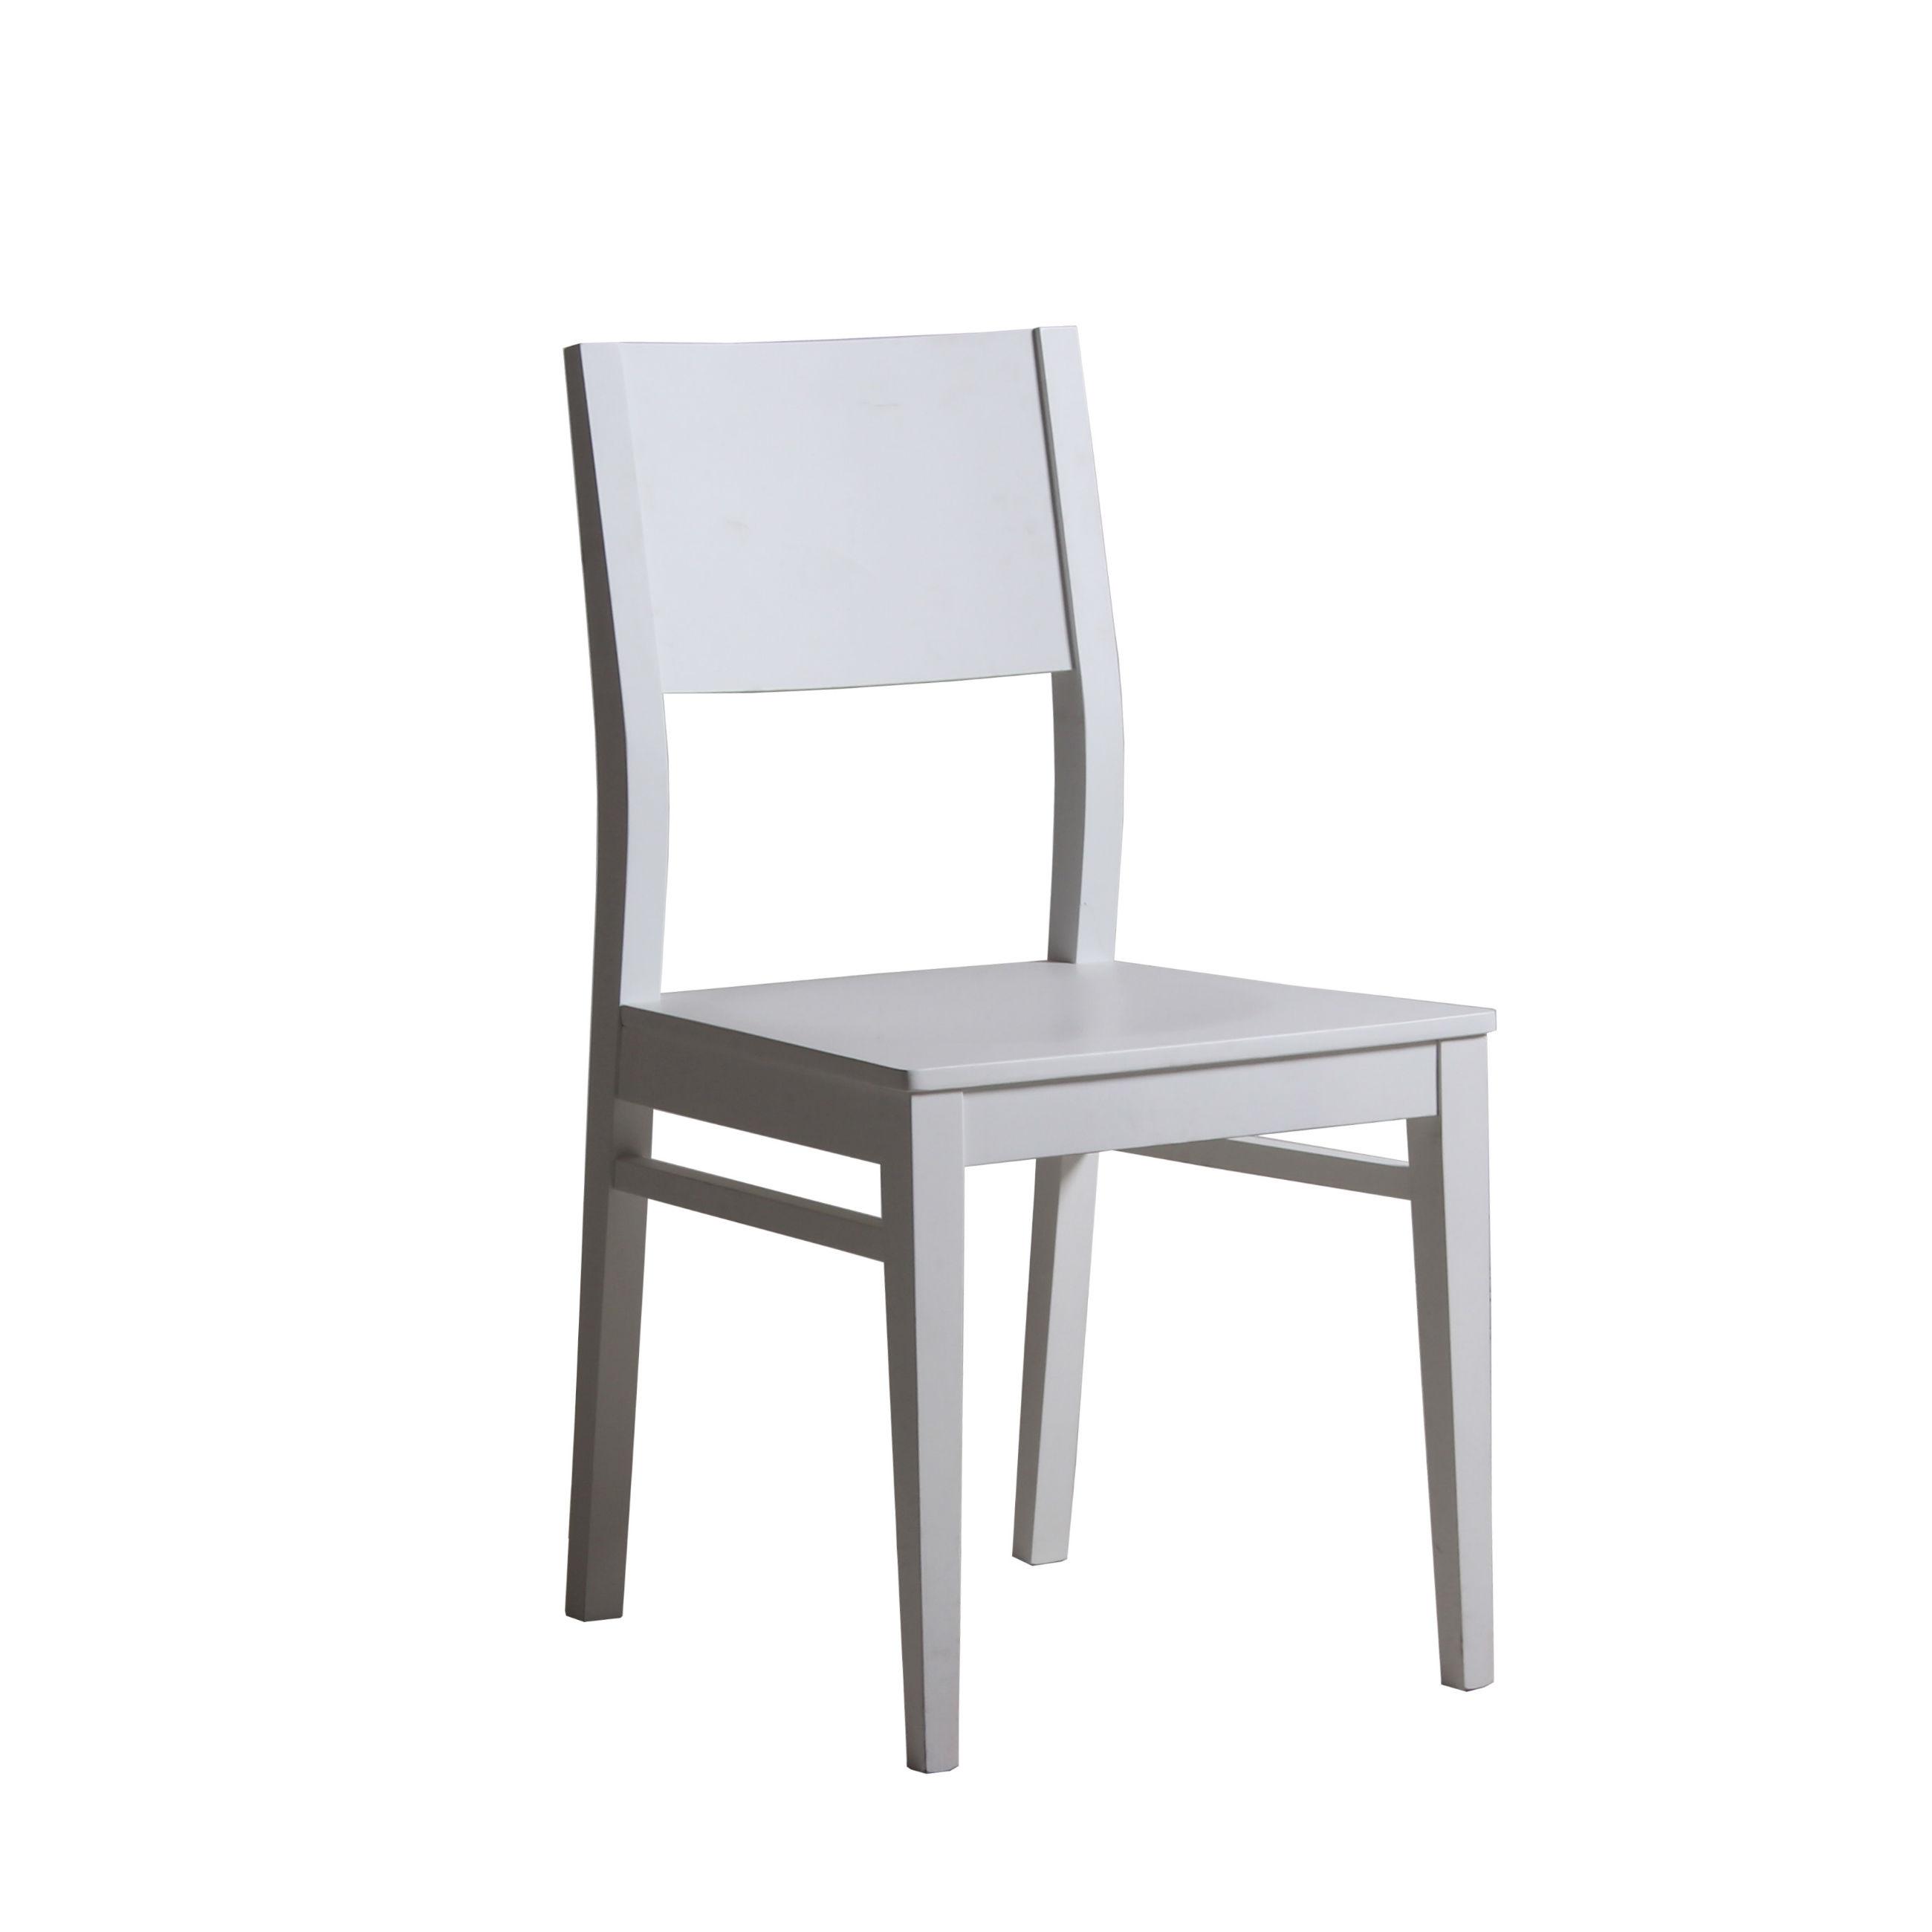 chaise de salle a manger contemporaine en bois massif brin d ouest